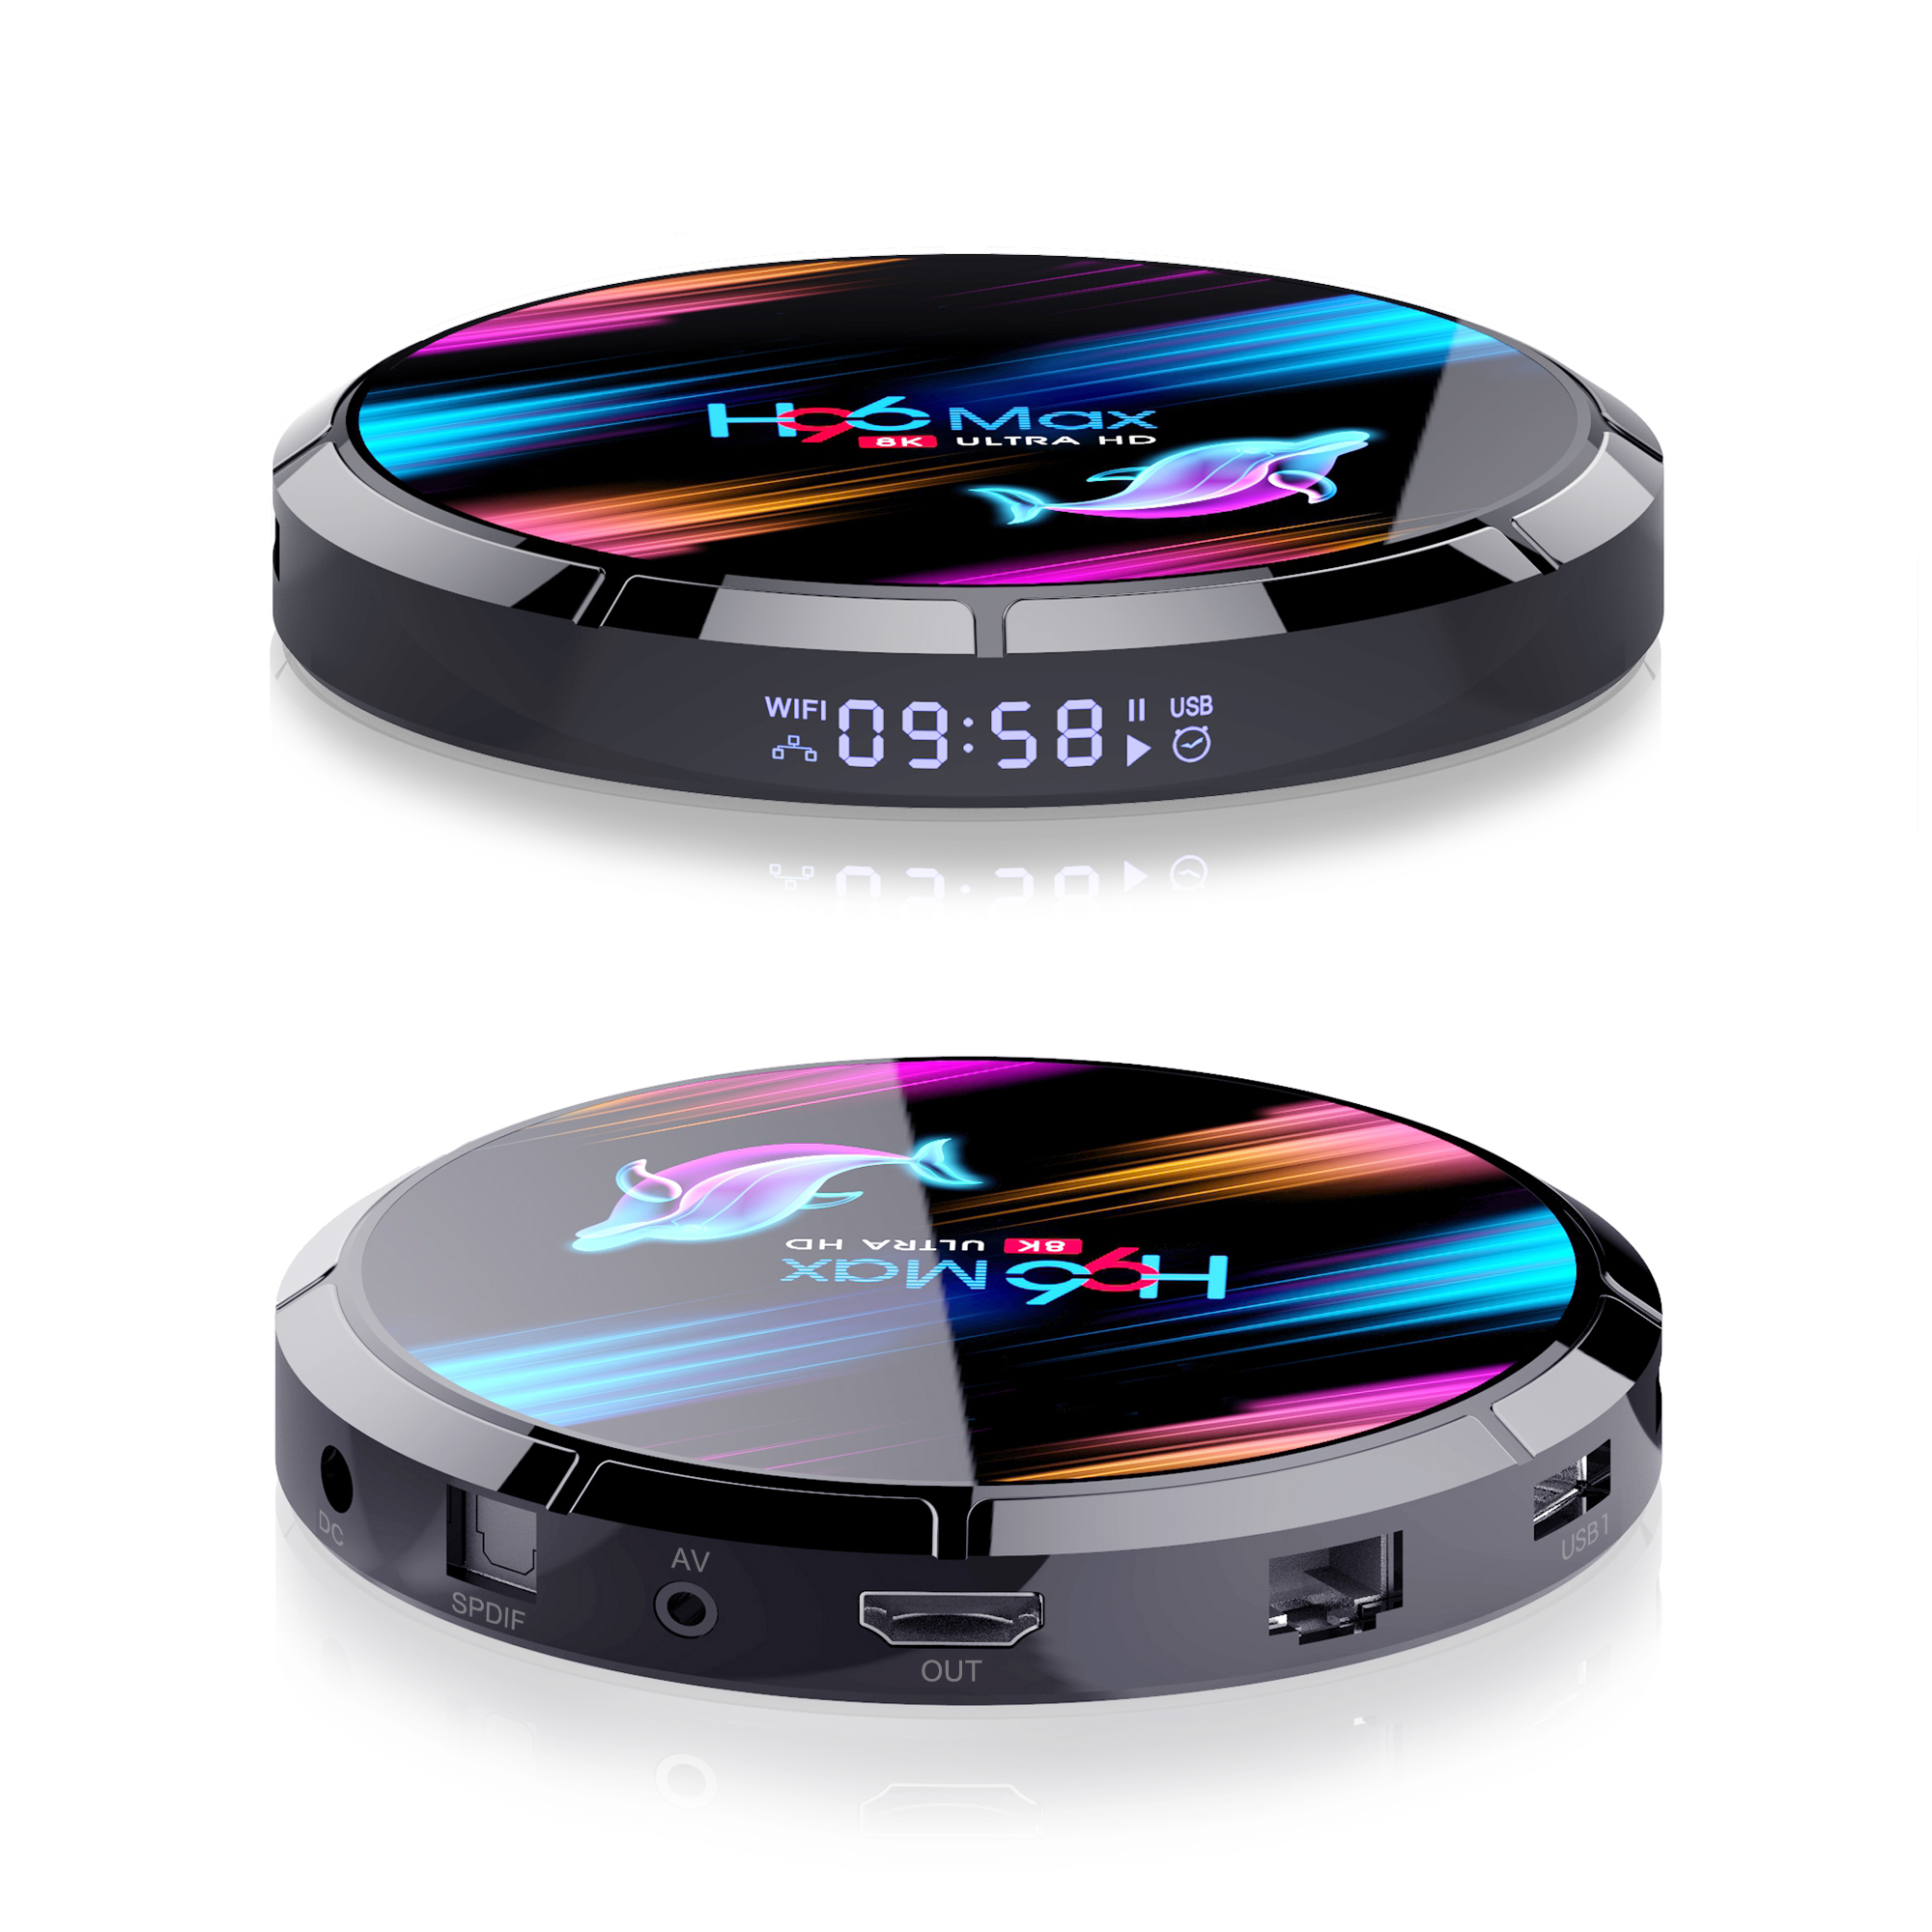 Бесплатная доставка 2020 горячая Распродажа ТВ приставка 128GB H96 Max X3-S905X3 9,0 android ТВ приставка Поддержка DLNA, Miracast, Airplay